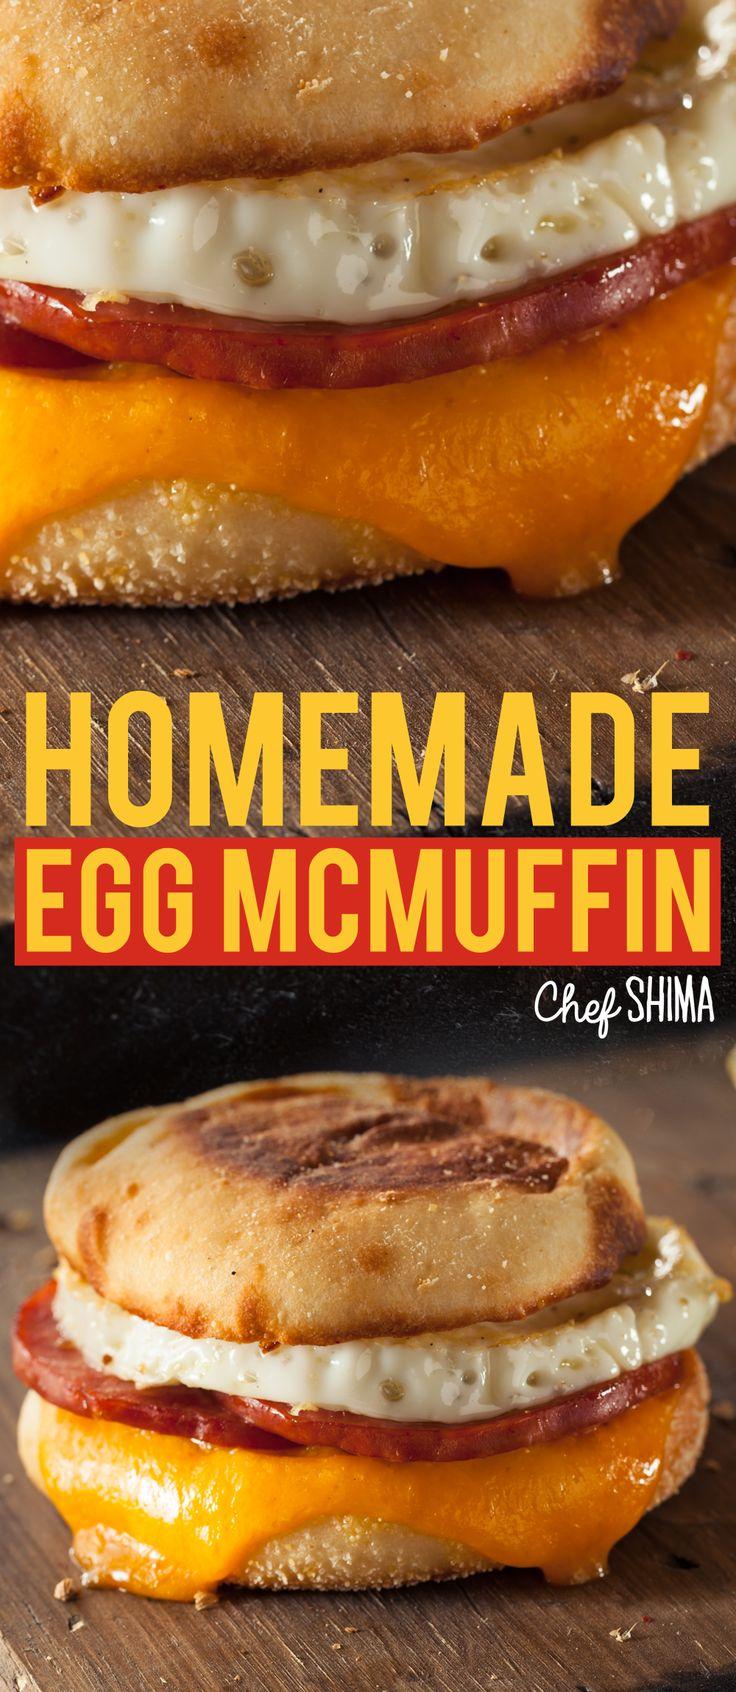 Homemade Egg McMuffin | The best McMuffin recipe!!! PERIOD!